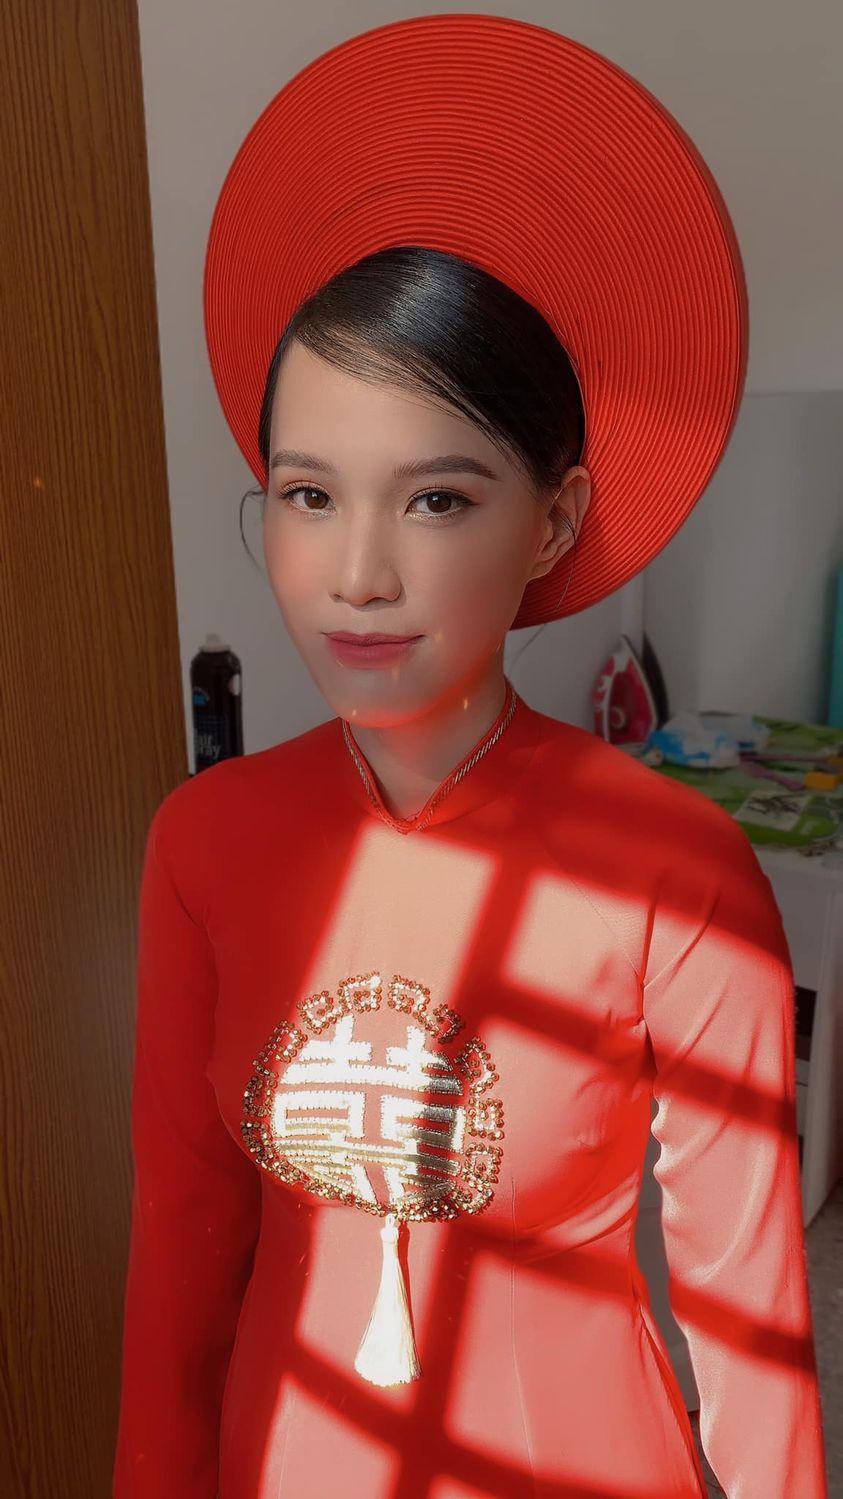 Top 6 tiệm trang điểm cô dâu đẹp nhất tại Bình Dương -  Hải Yến Make Up